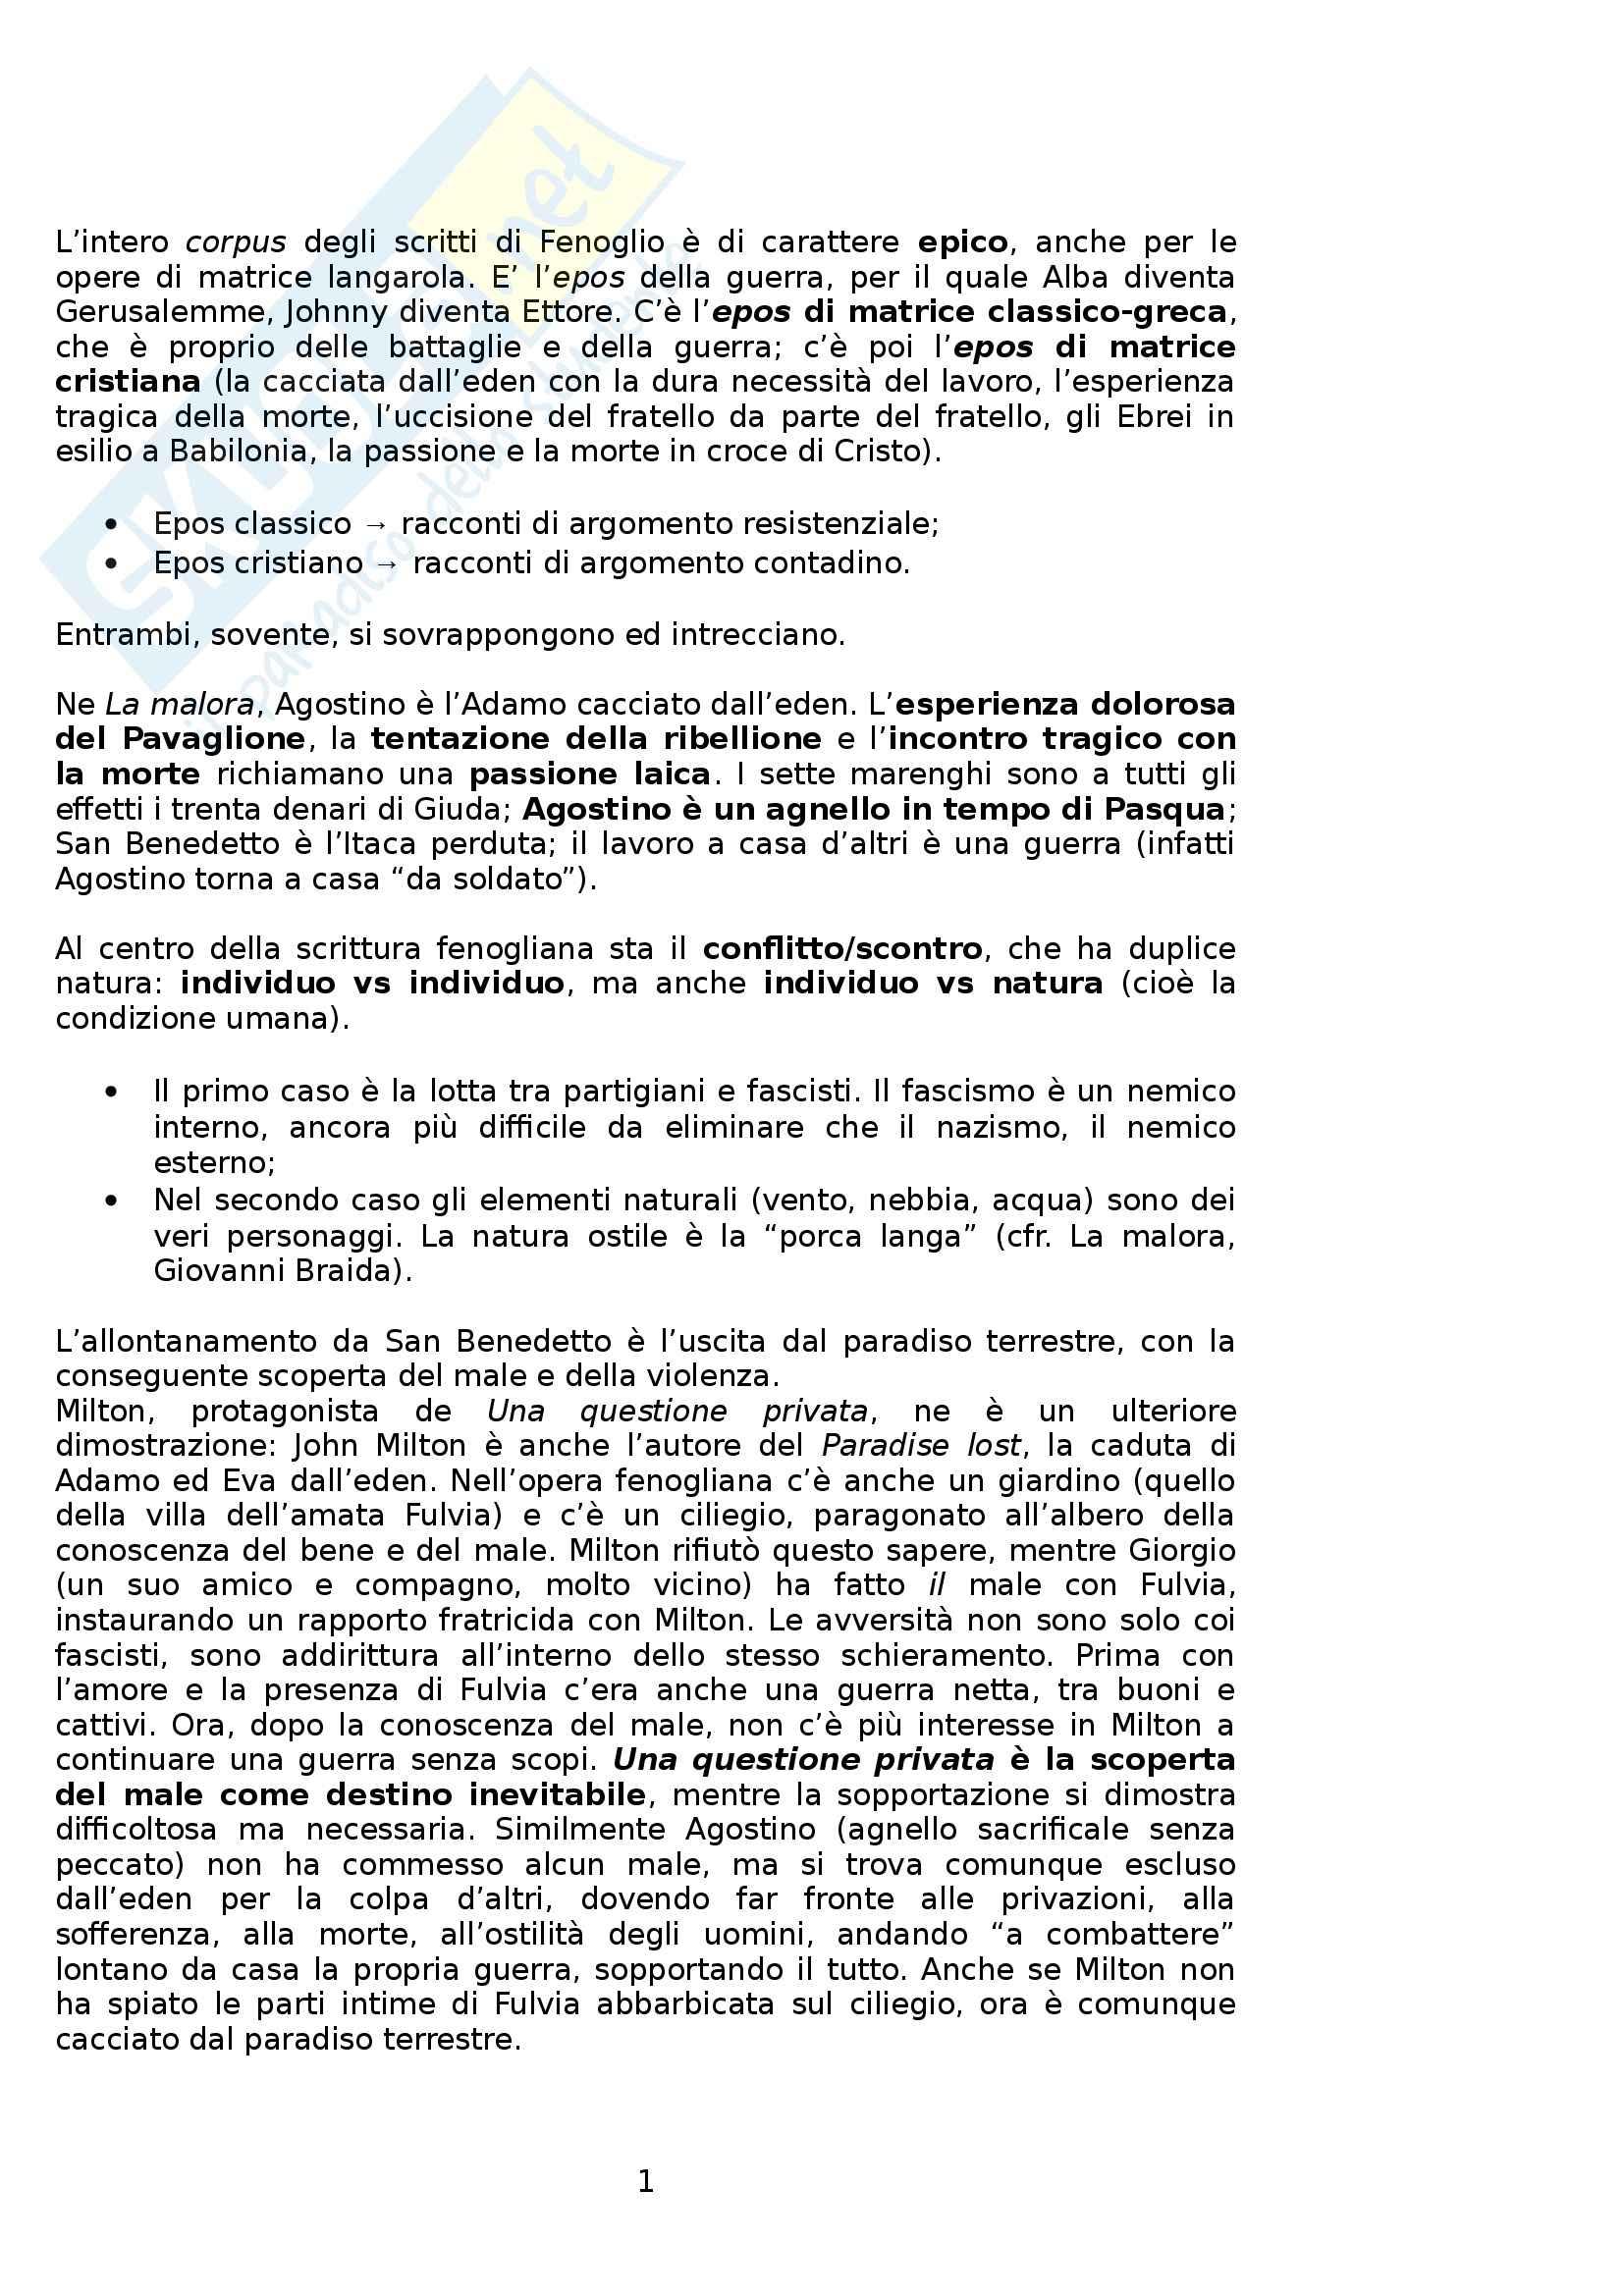 Riassunto esame Letteratura italiana, prof. Boggione, libro consigliato La sfortuna in favore